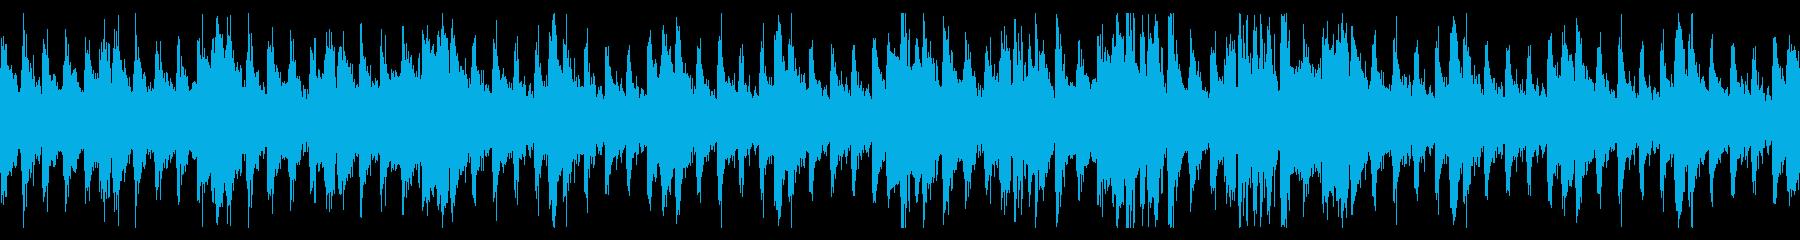 重厚で緊迫感のあるループBGMの再生済みの波形